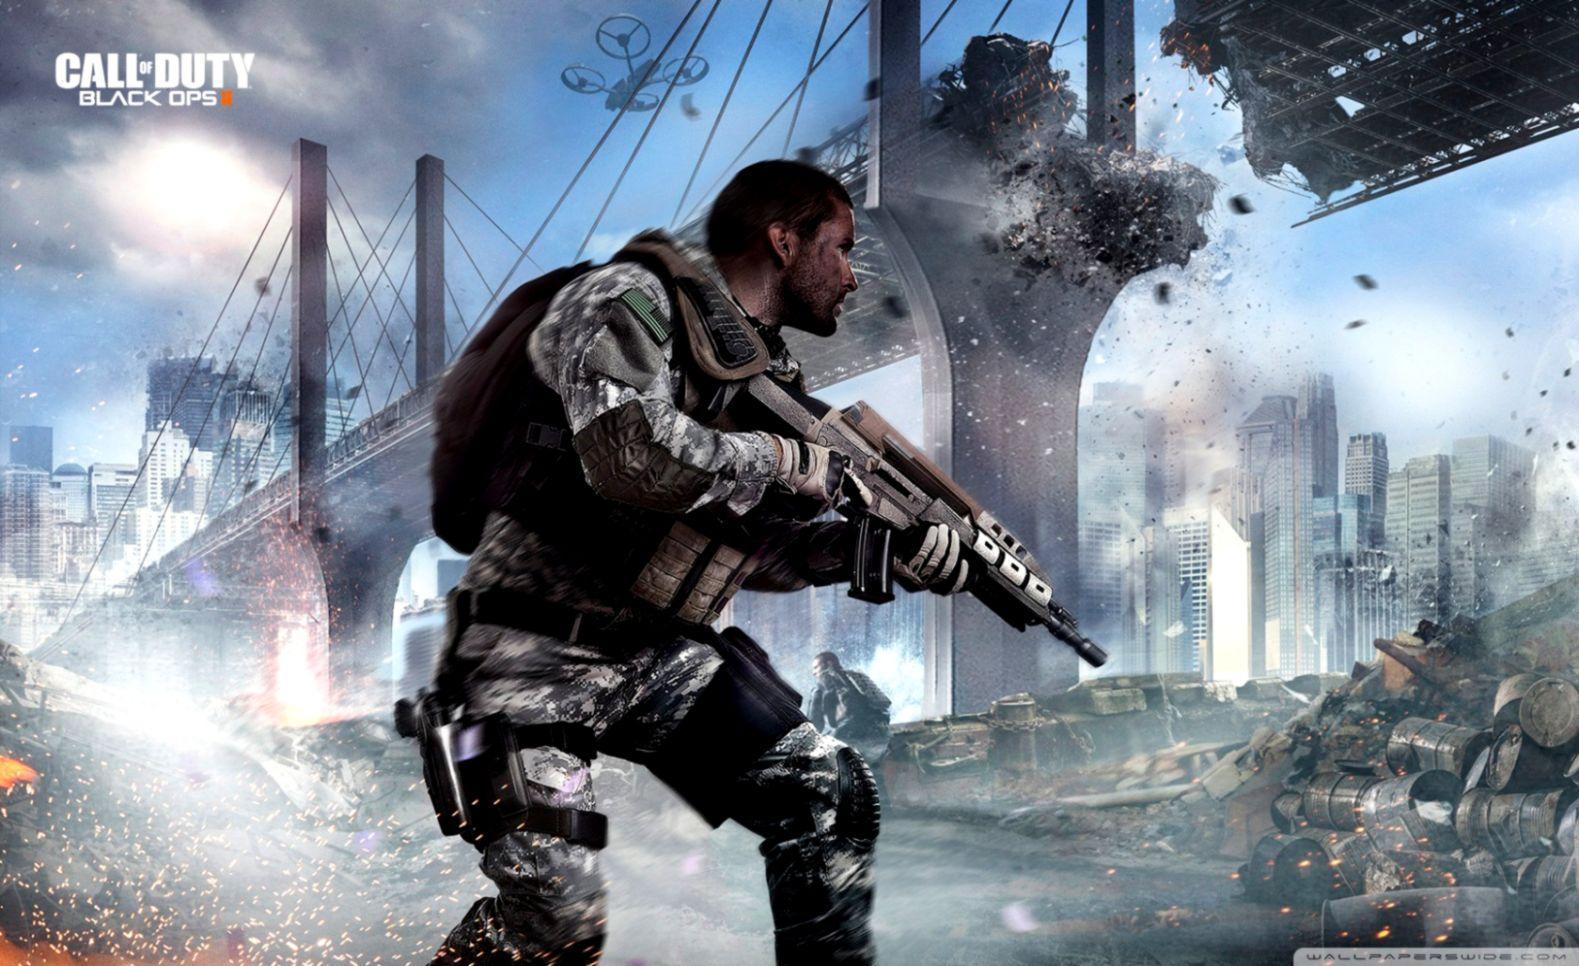 Call Of Duty Black Ops 2 4k Hd Desktop Wallpaper   Call Of Duty 1579x966